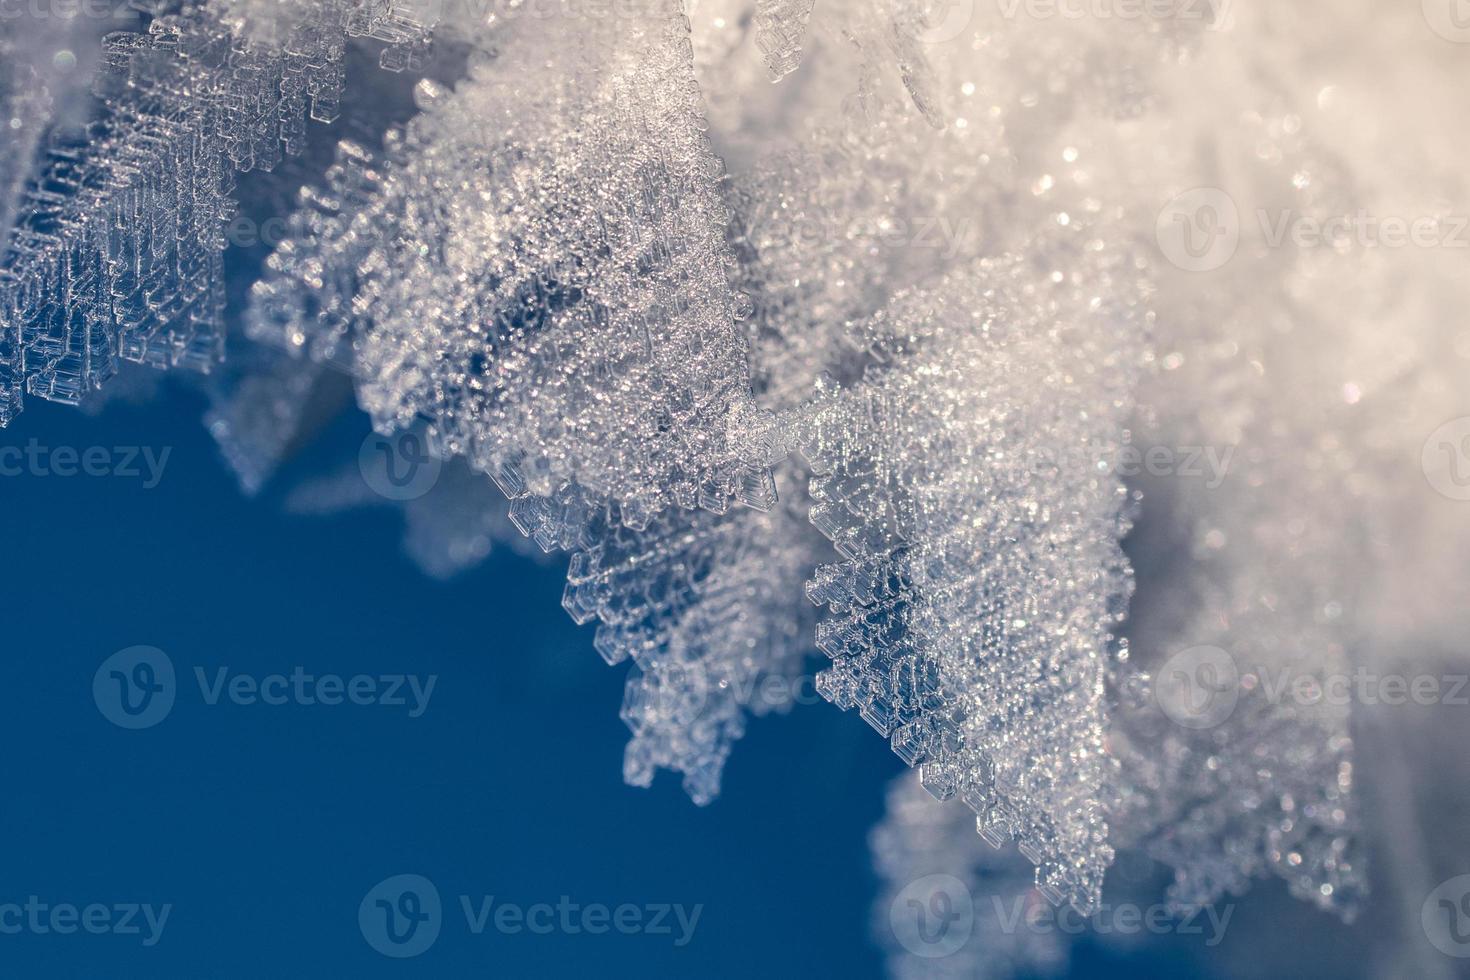 närbild av iskristaller mot en blå himmel foto